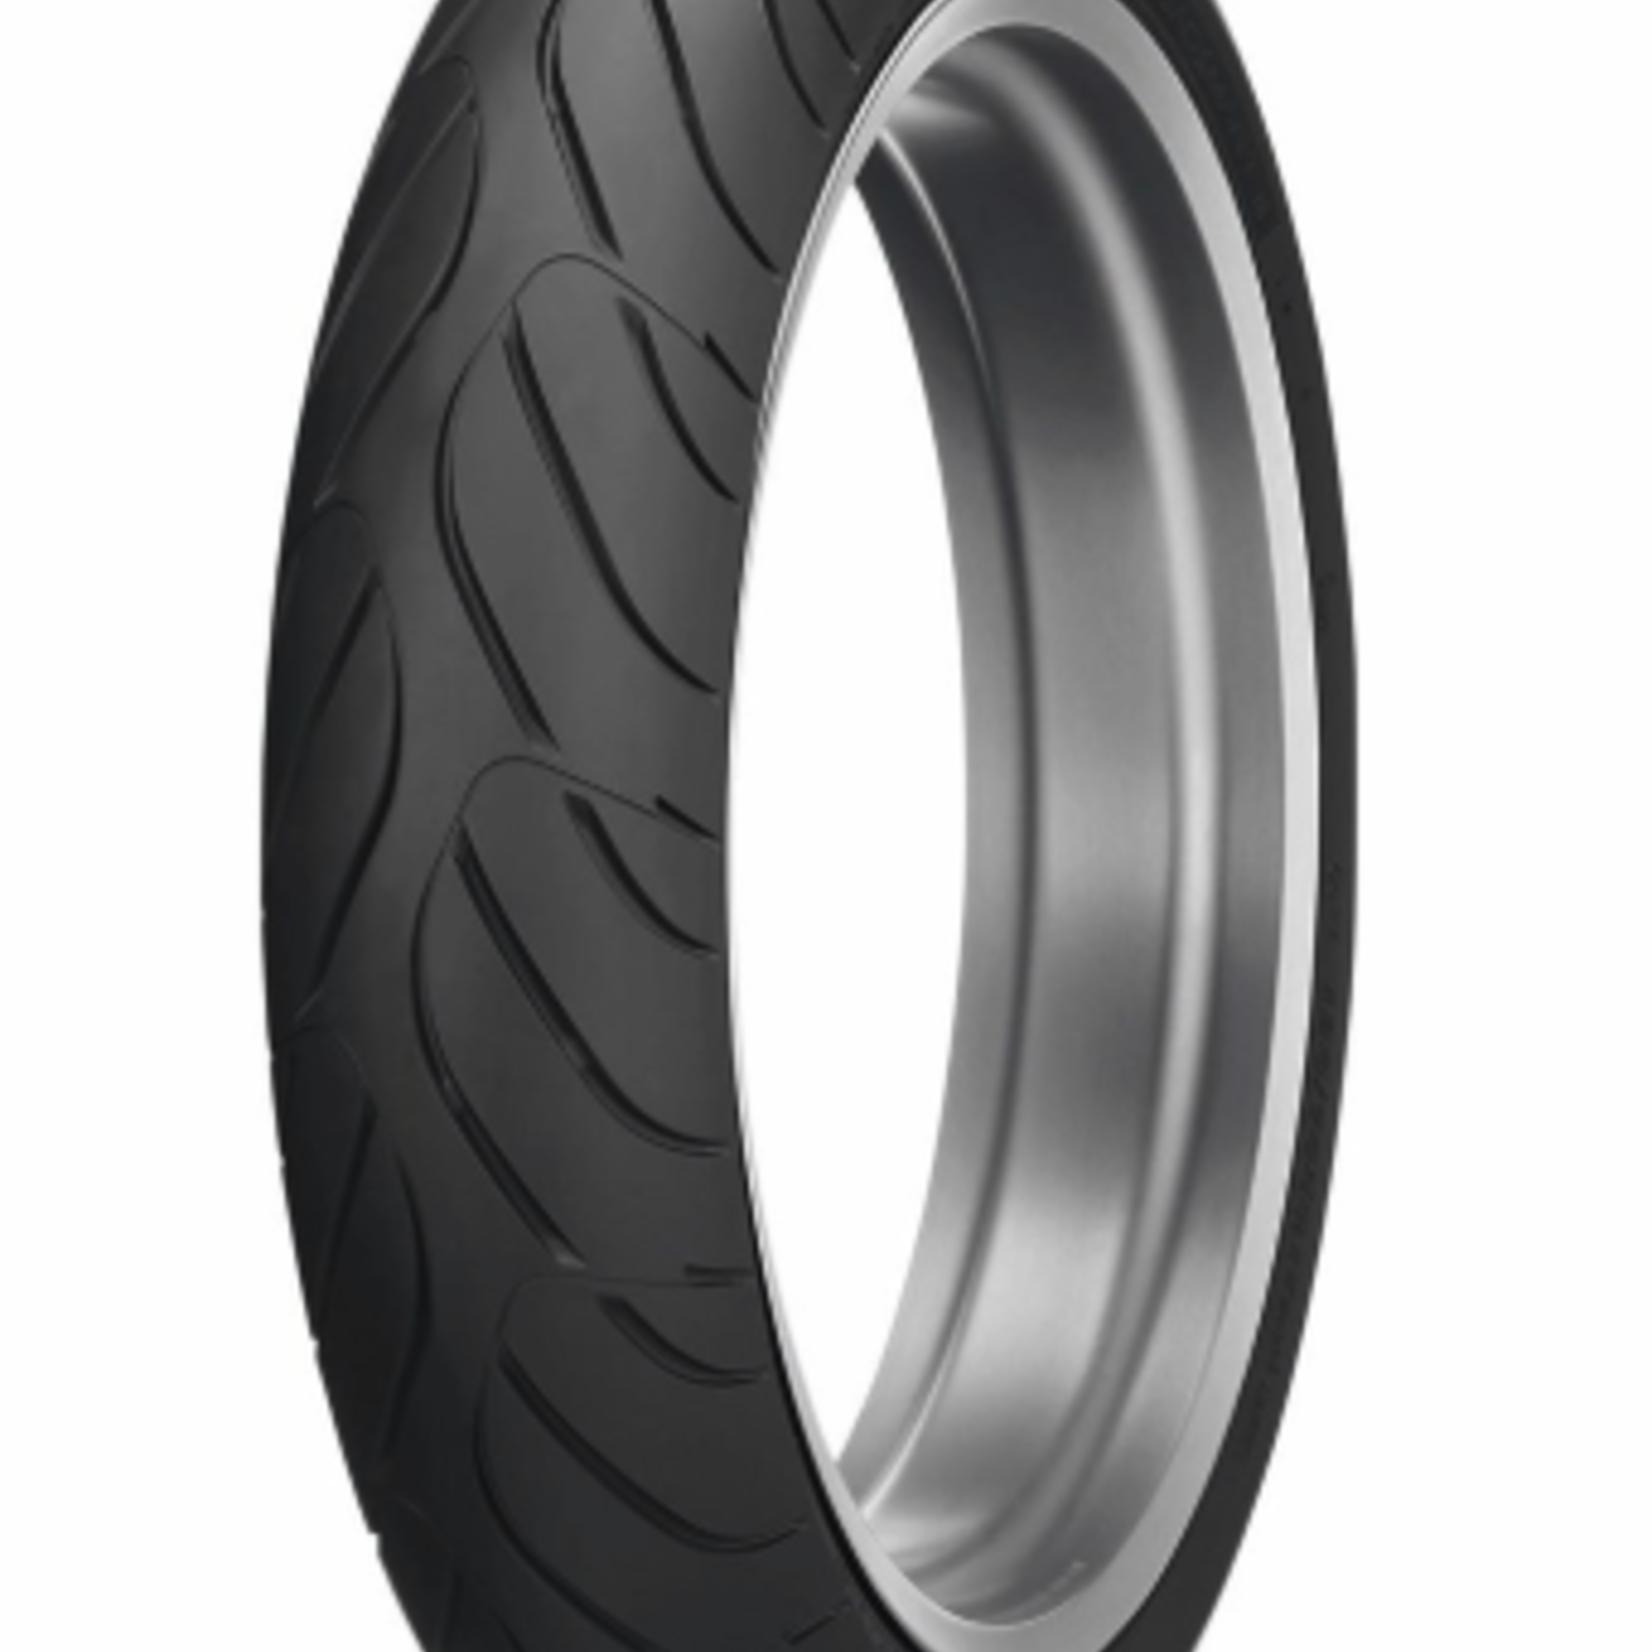 Dunlop Dunlop Roadsmart 3 Front Tire - 120/70-17